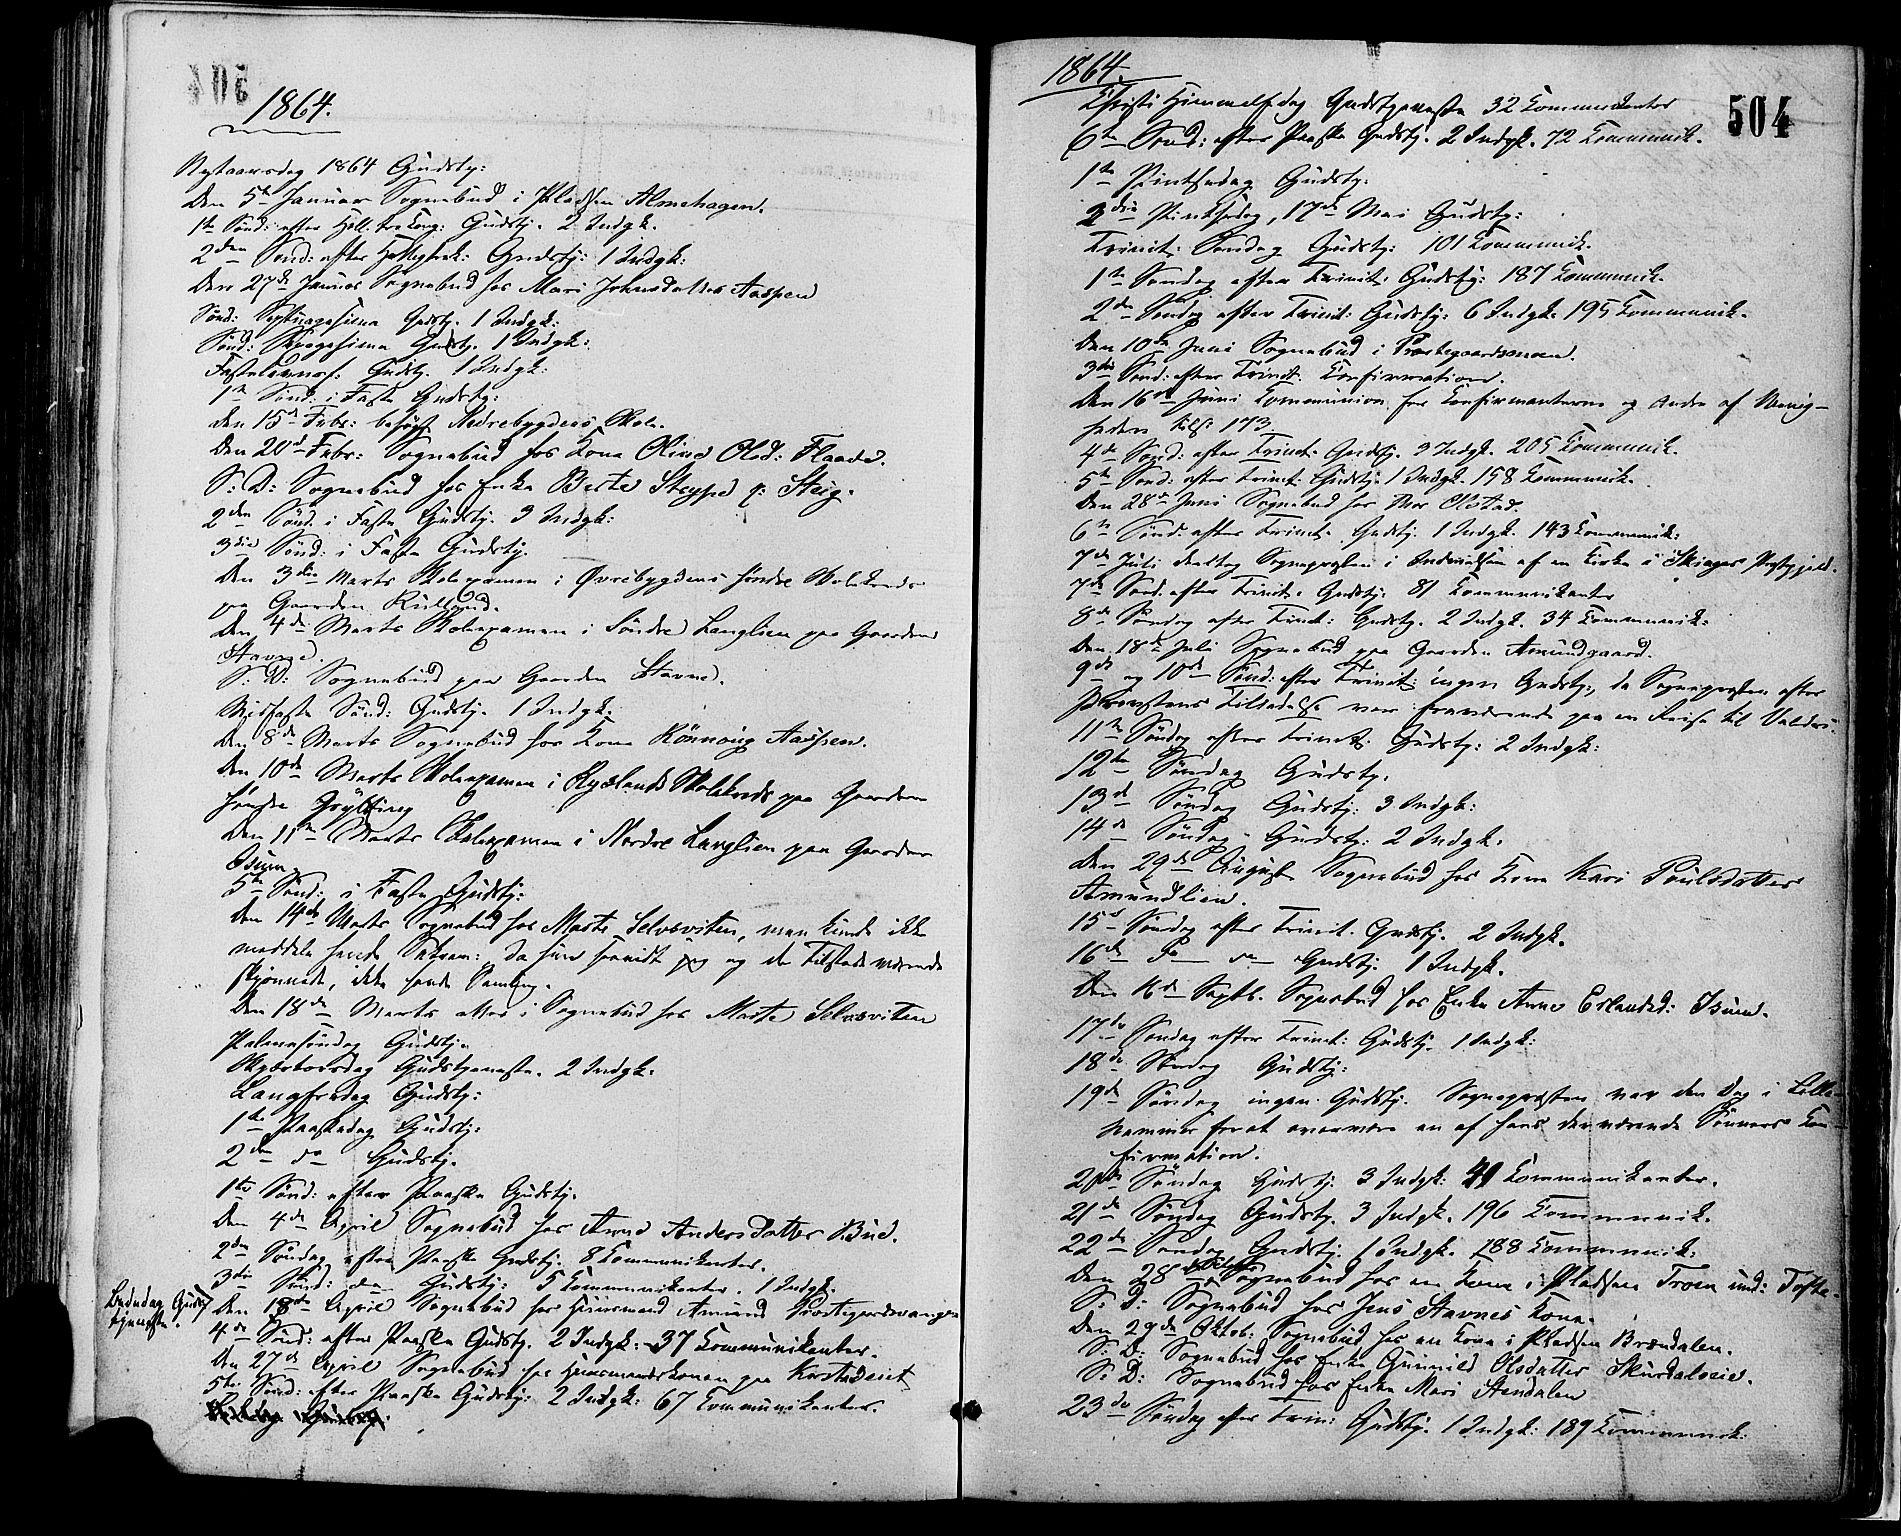 SAH, Sør-Fron prestekontor, H/Ha/Haa/L0002: Parish register (official) no. 2, 1864-1880, p. 504